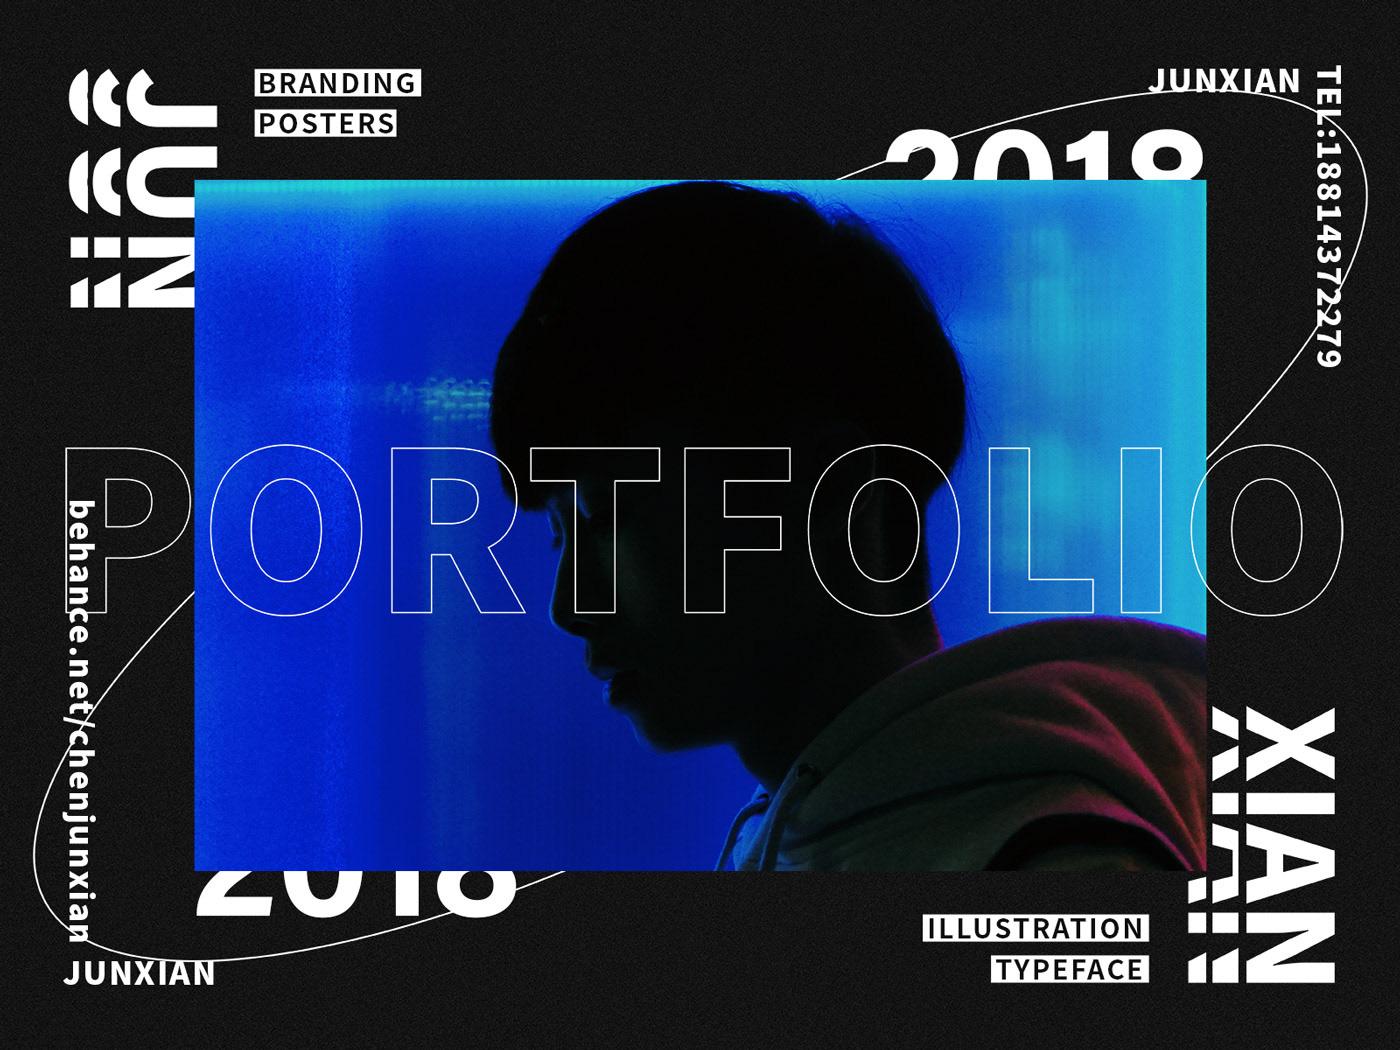 高質量的47款作品集portfolio欣賞